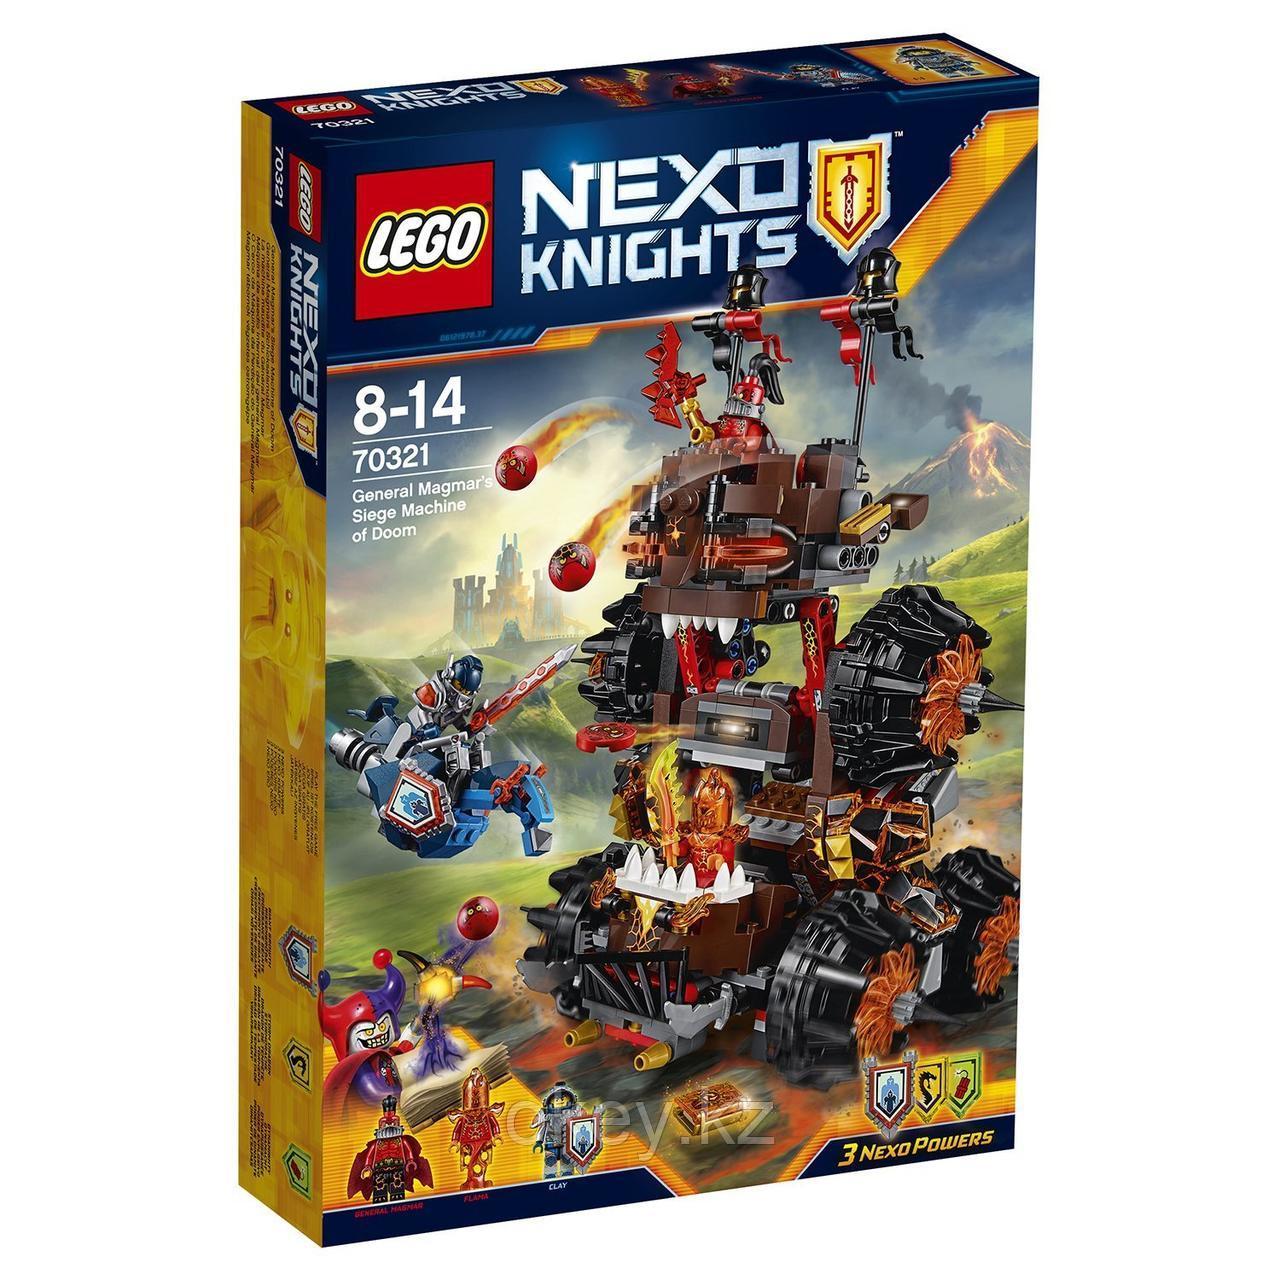 LEGO Nexo Knights: Роковое наступление генерала Магмара 70321